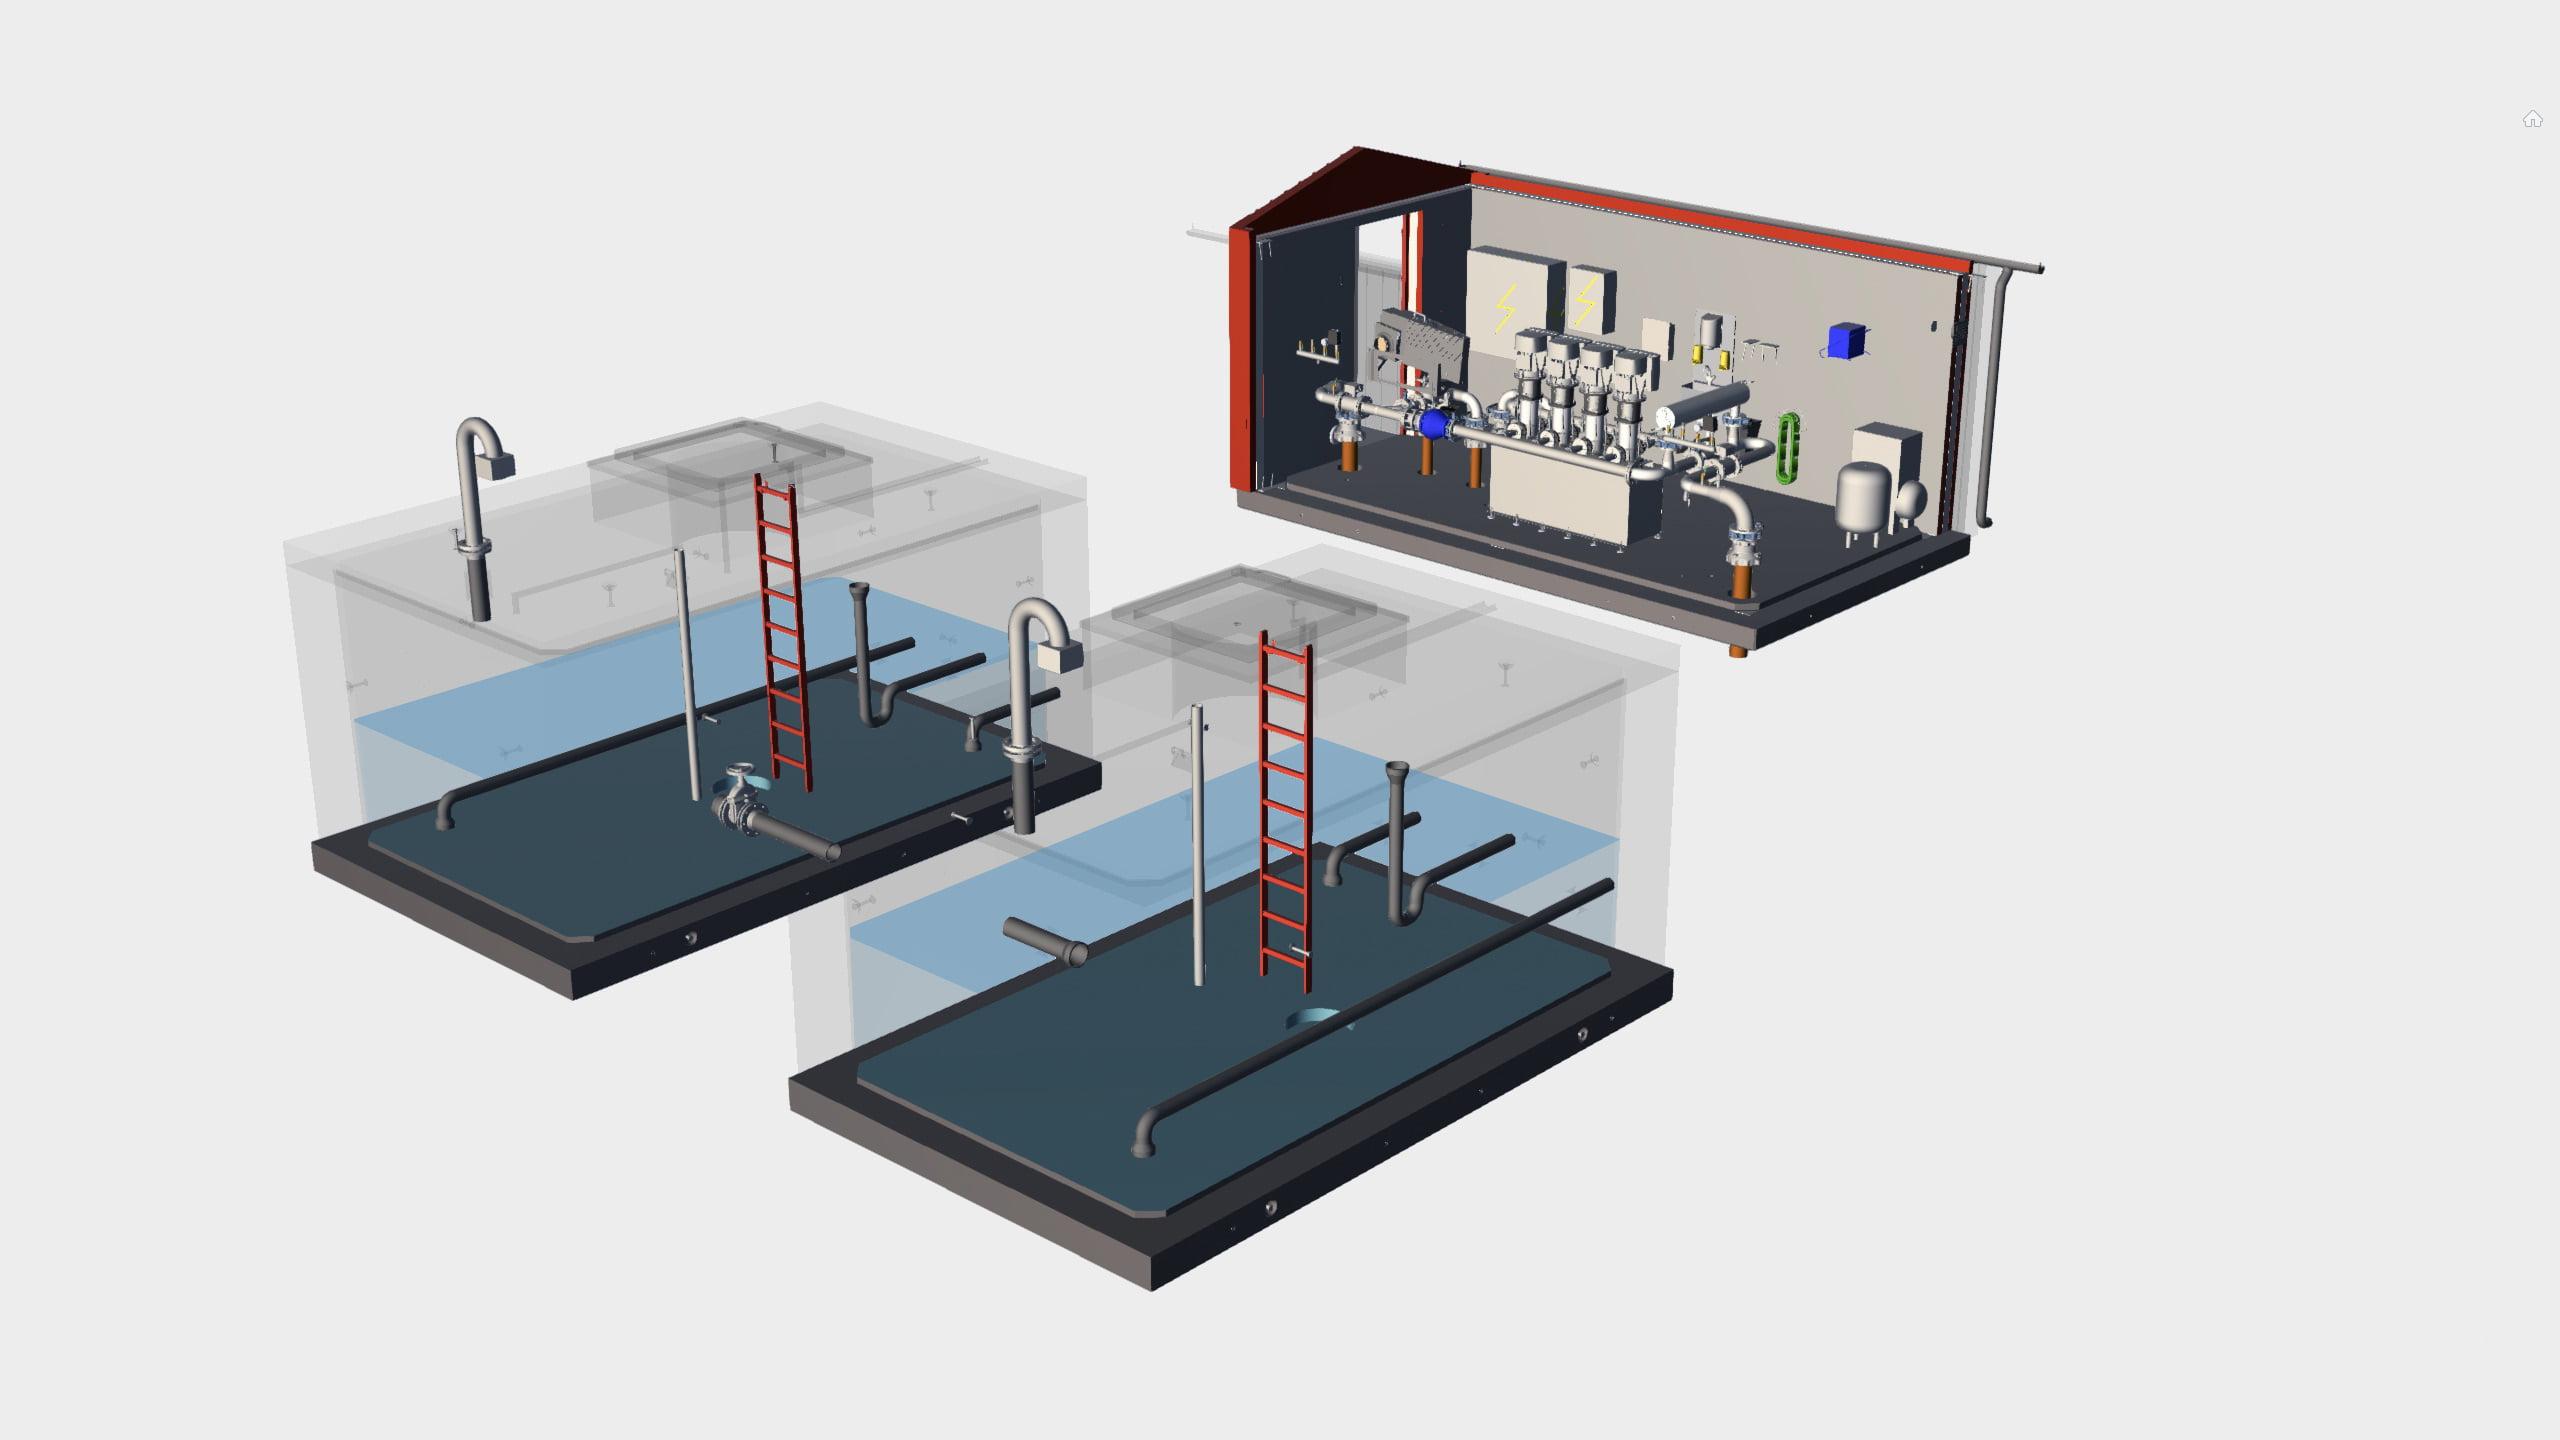 TS Tryckstegringsstation med lågreservoar: genomskärning